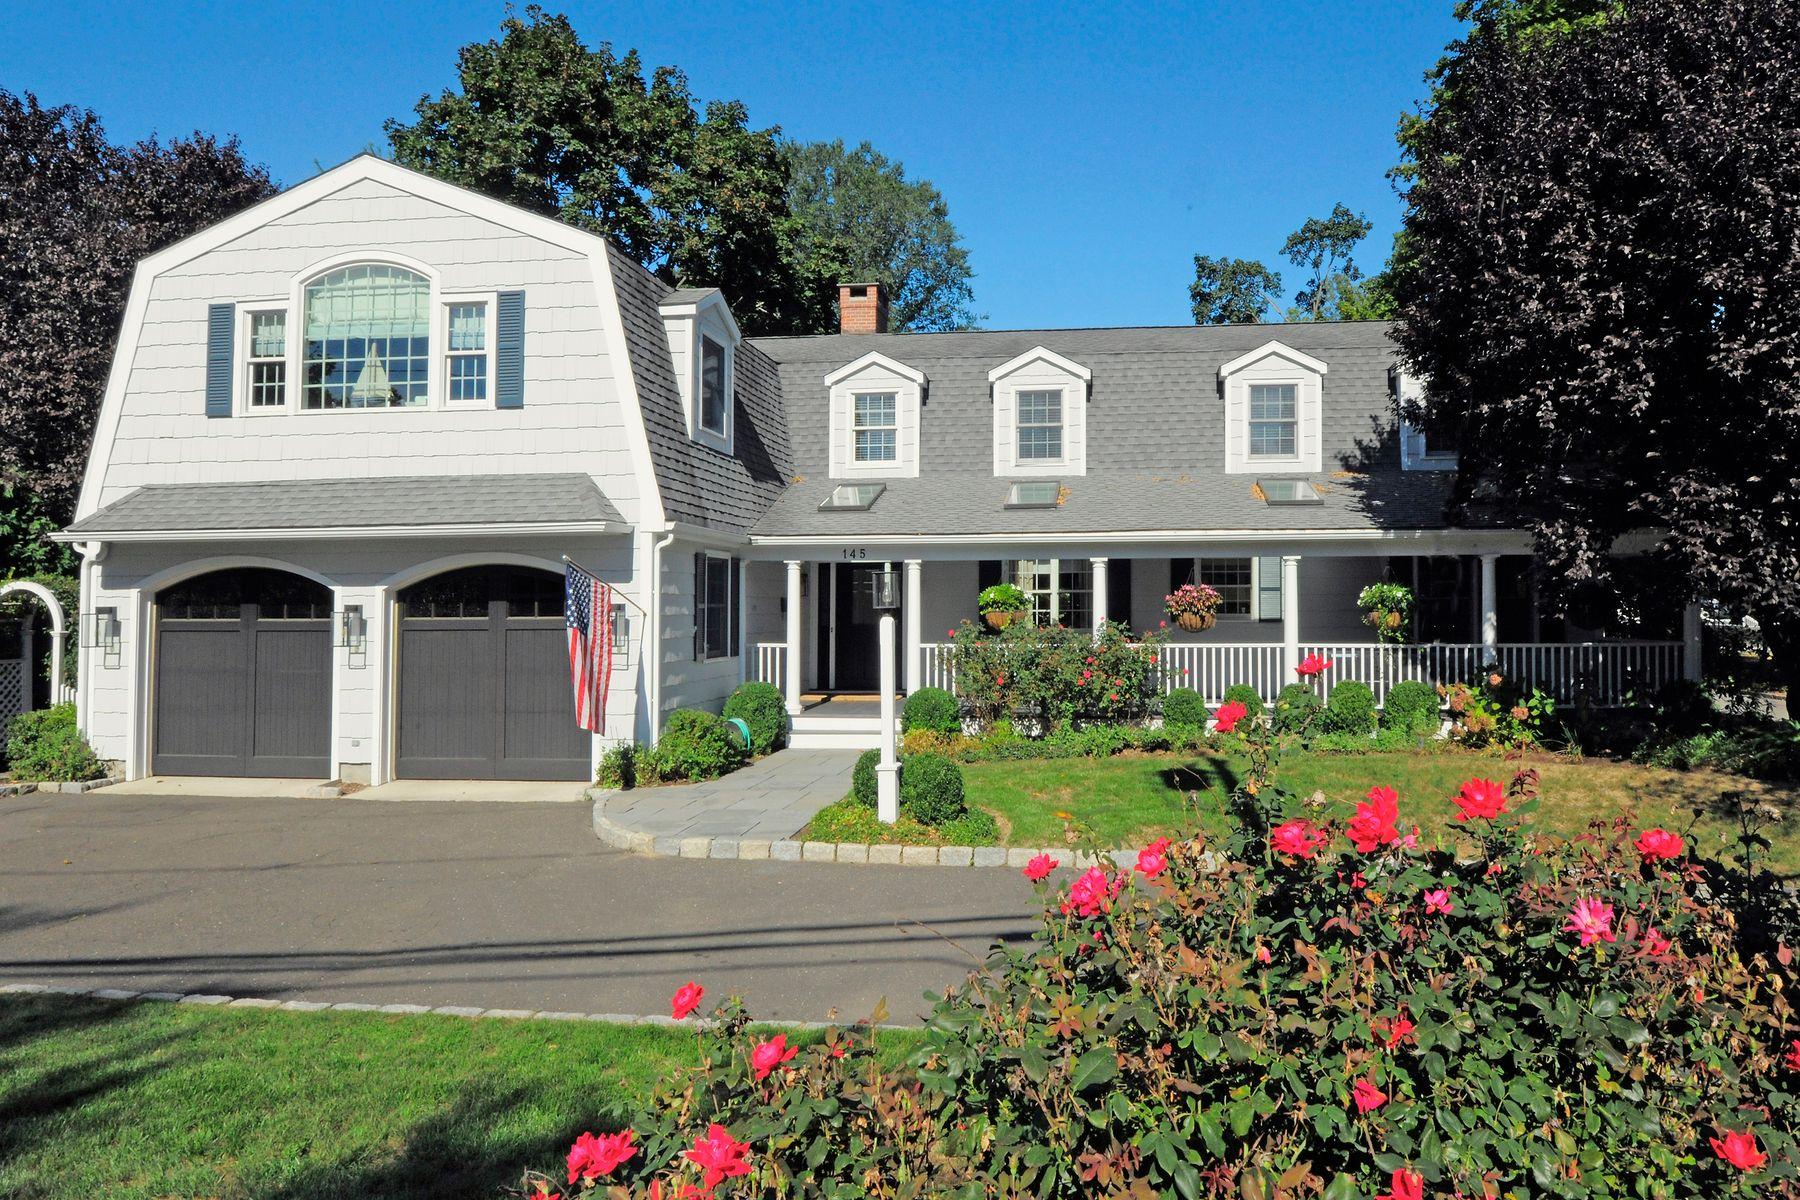 Maison unifamiliale pour l Vente à Classic Old Greenwich Lifestyle 145 Shore Road Old Greenwich, Connecticut 06870 États-Unis